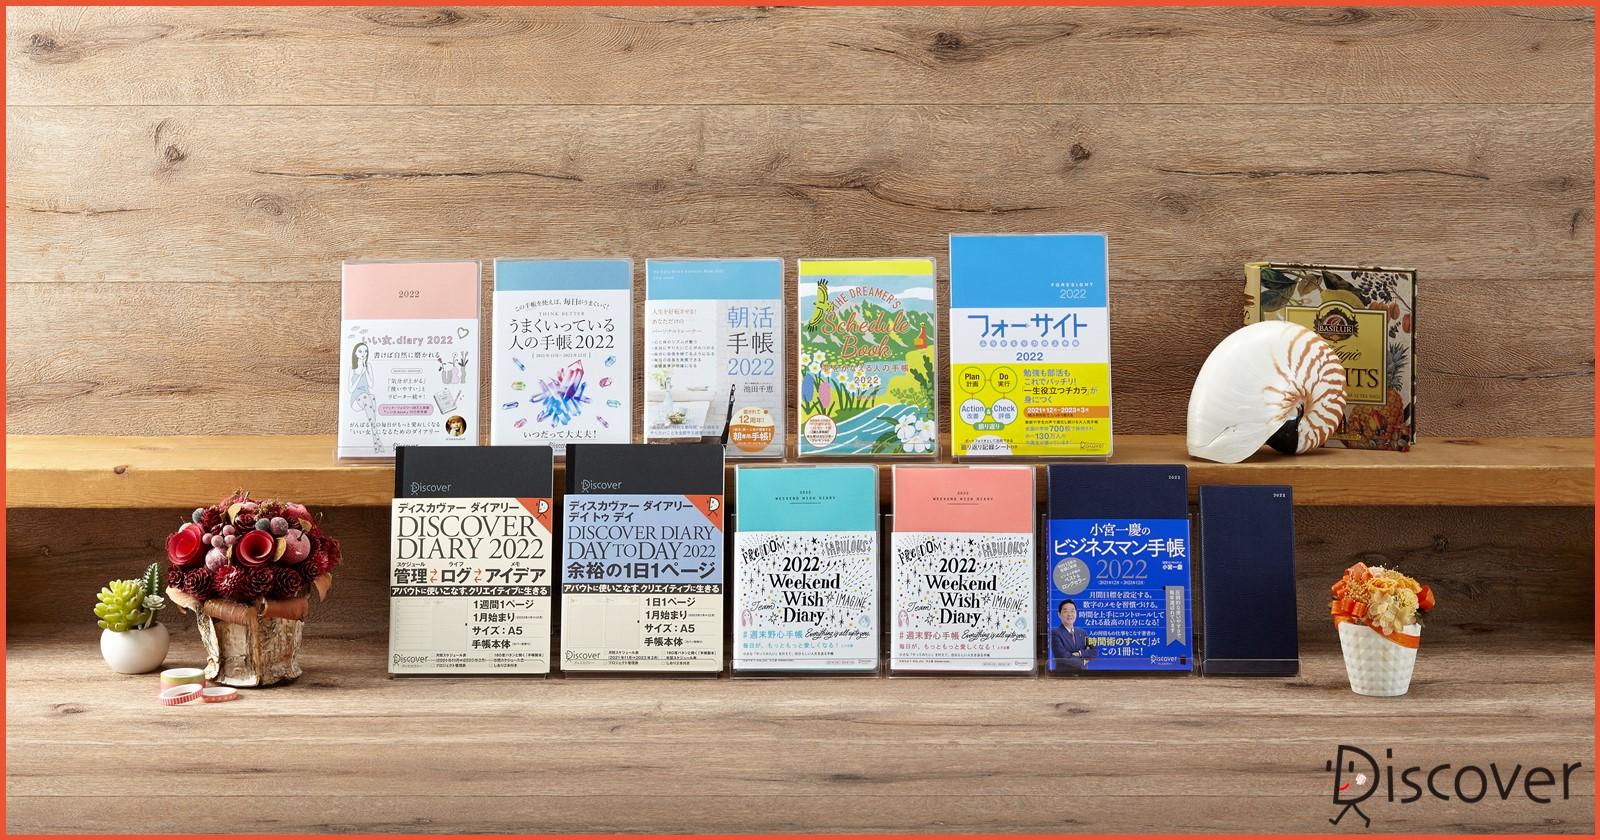 ディスカヴァーの手帳2022年版、ネット書店にて先行販売開始